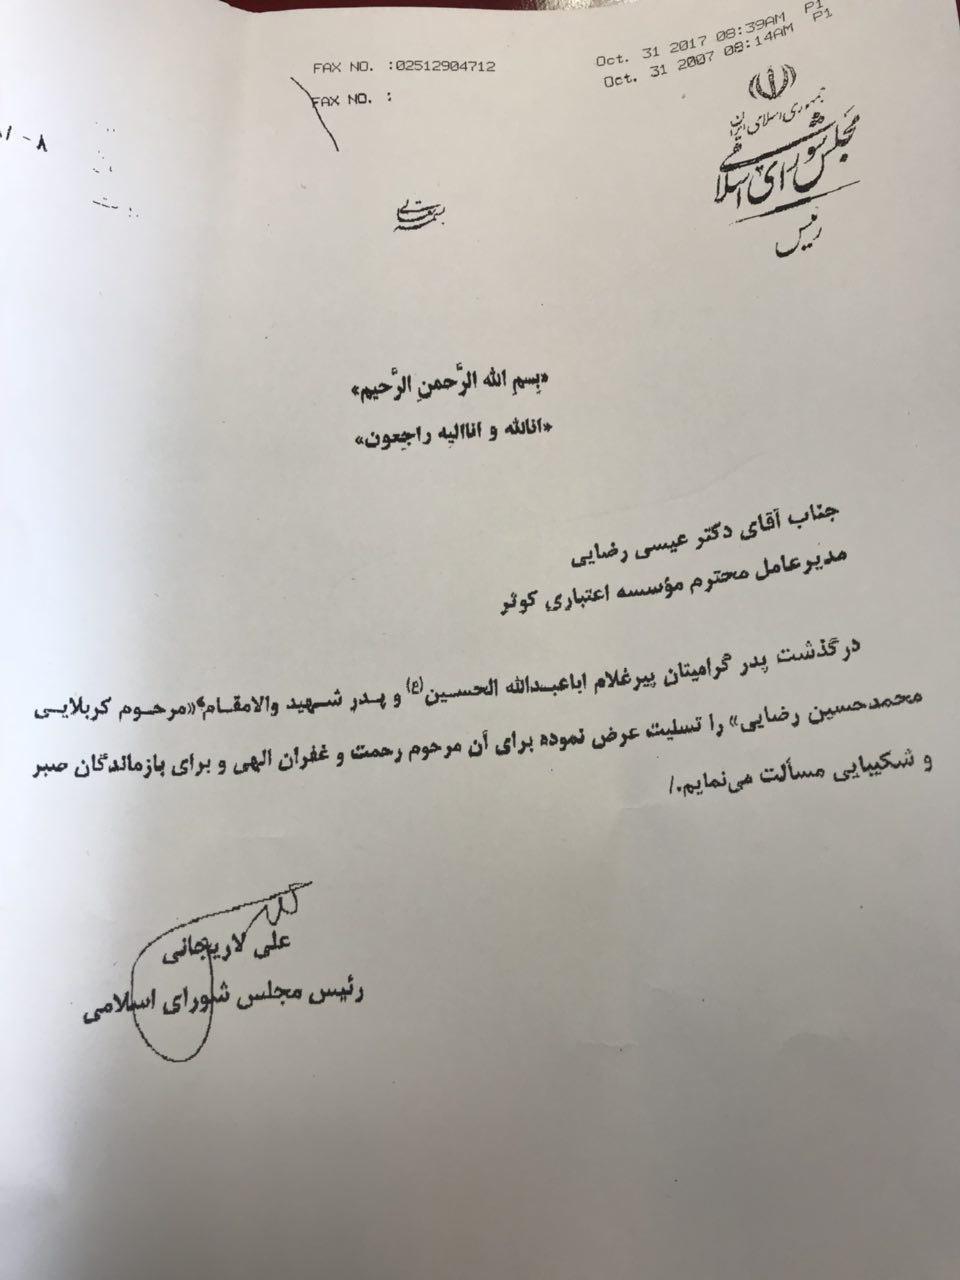 پیام تسلیت رئیس مجلس شورای اسلامی به مدیرعامل موسسه اعتباری کوثر